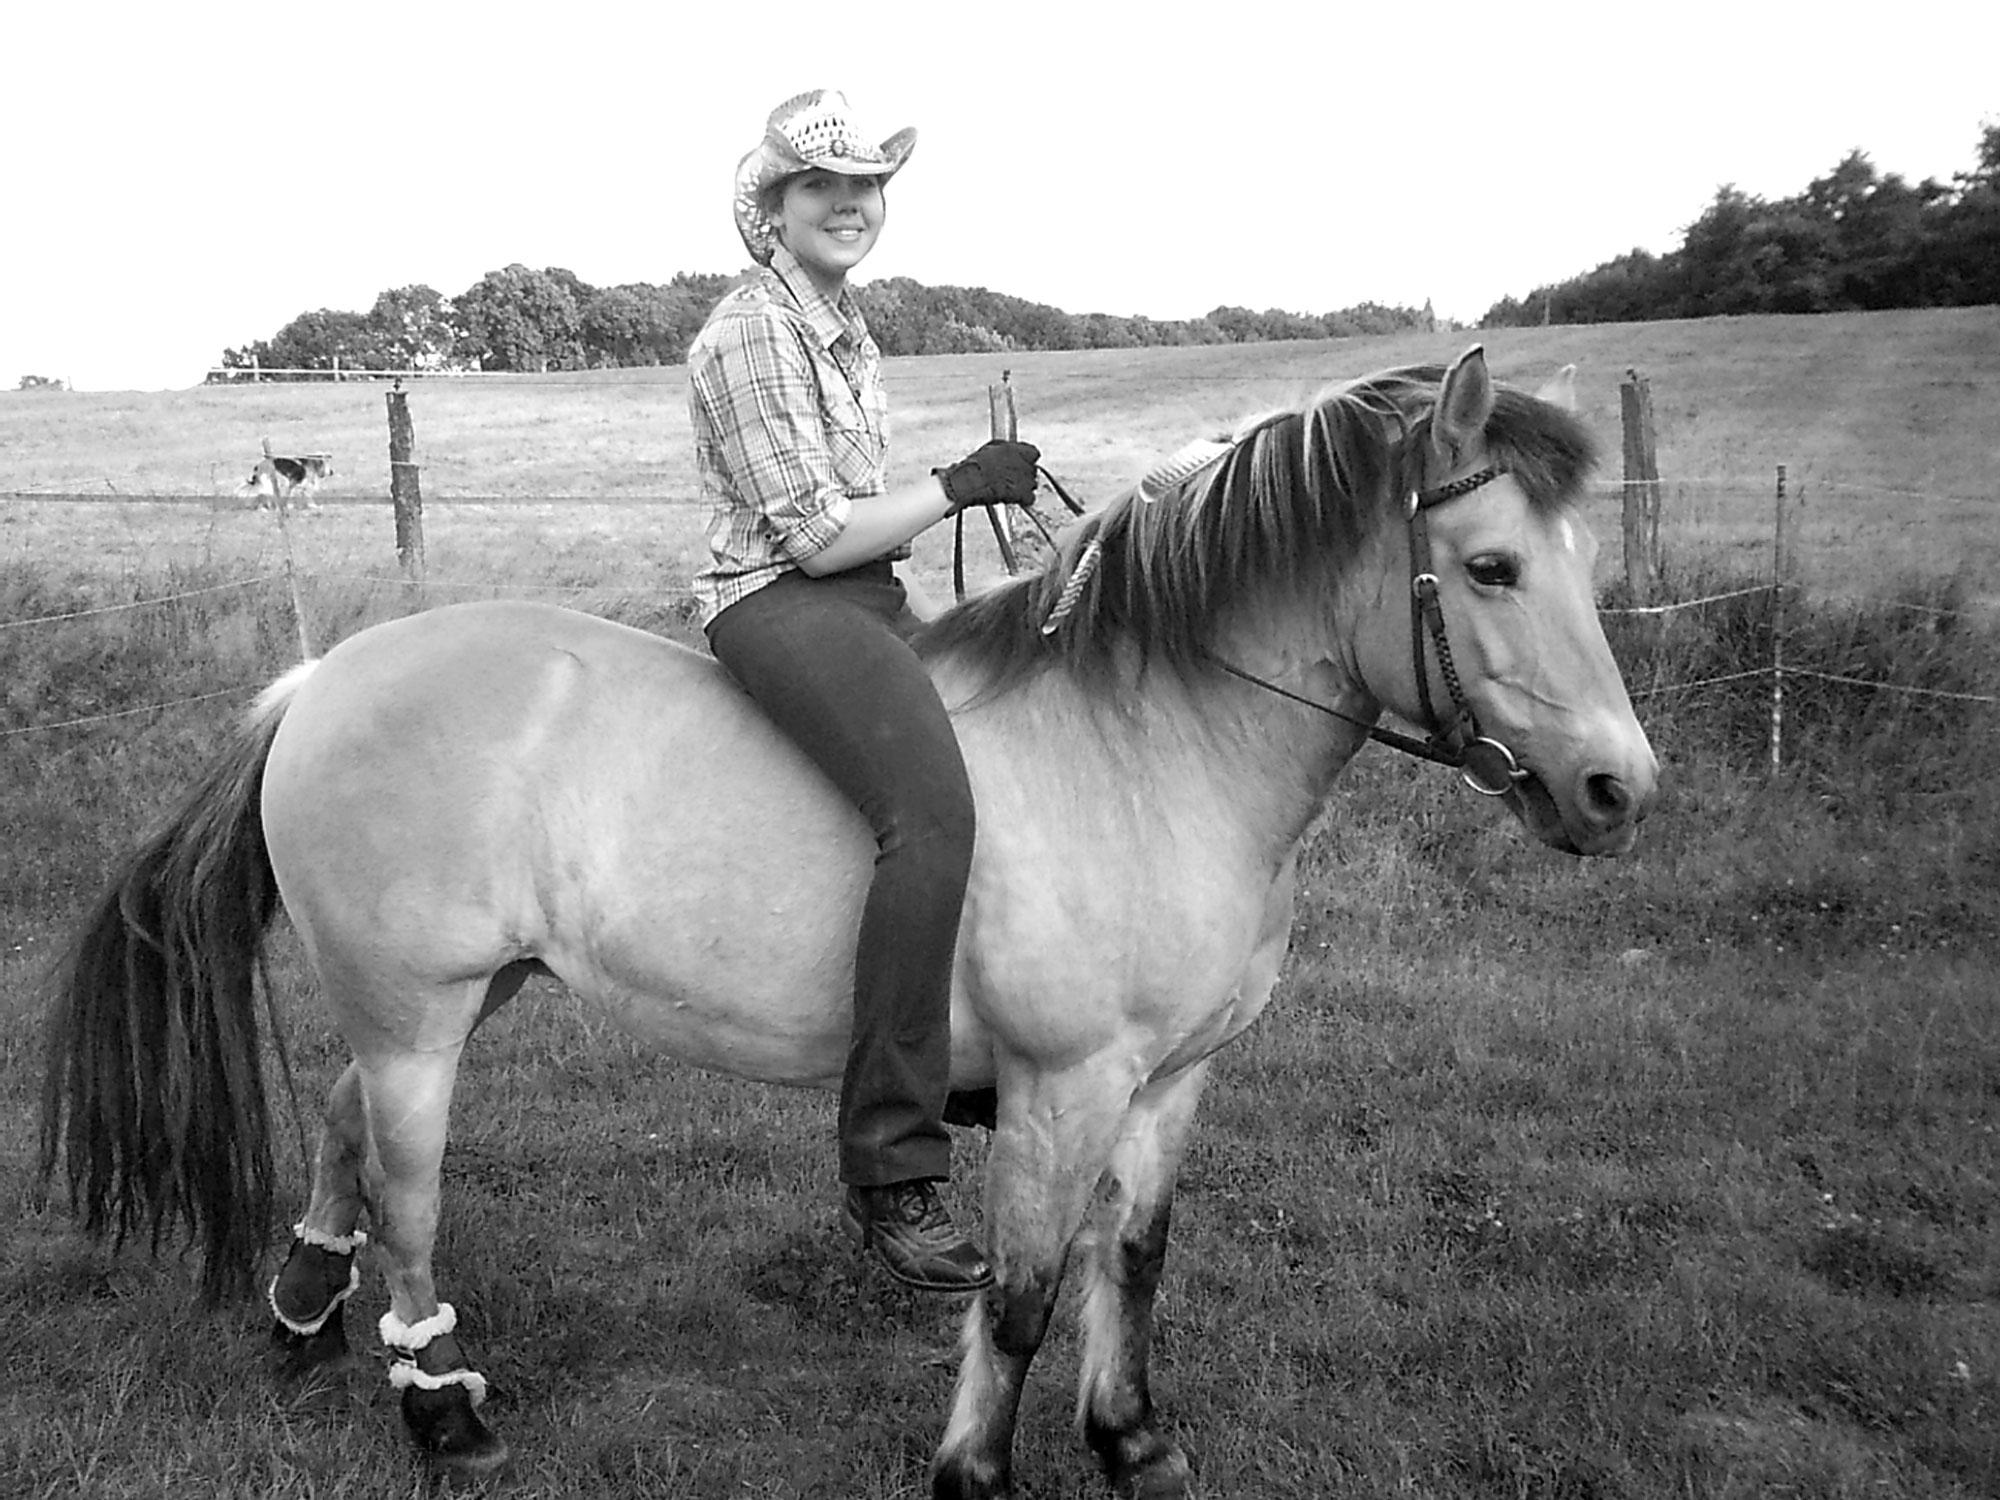 Schicksalsschläge - Reiterleben ist hart - Teil 1